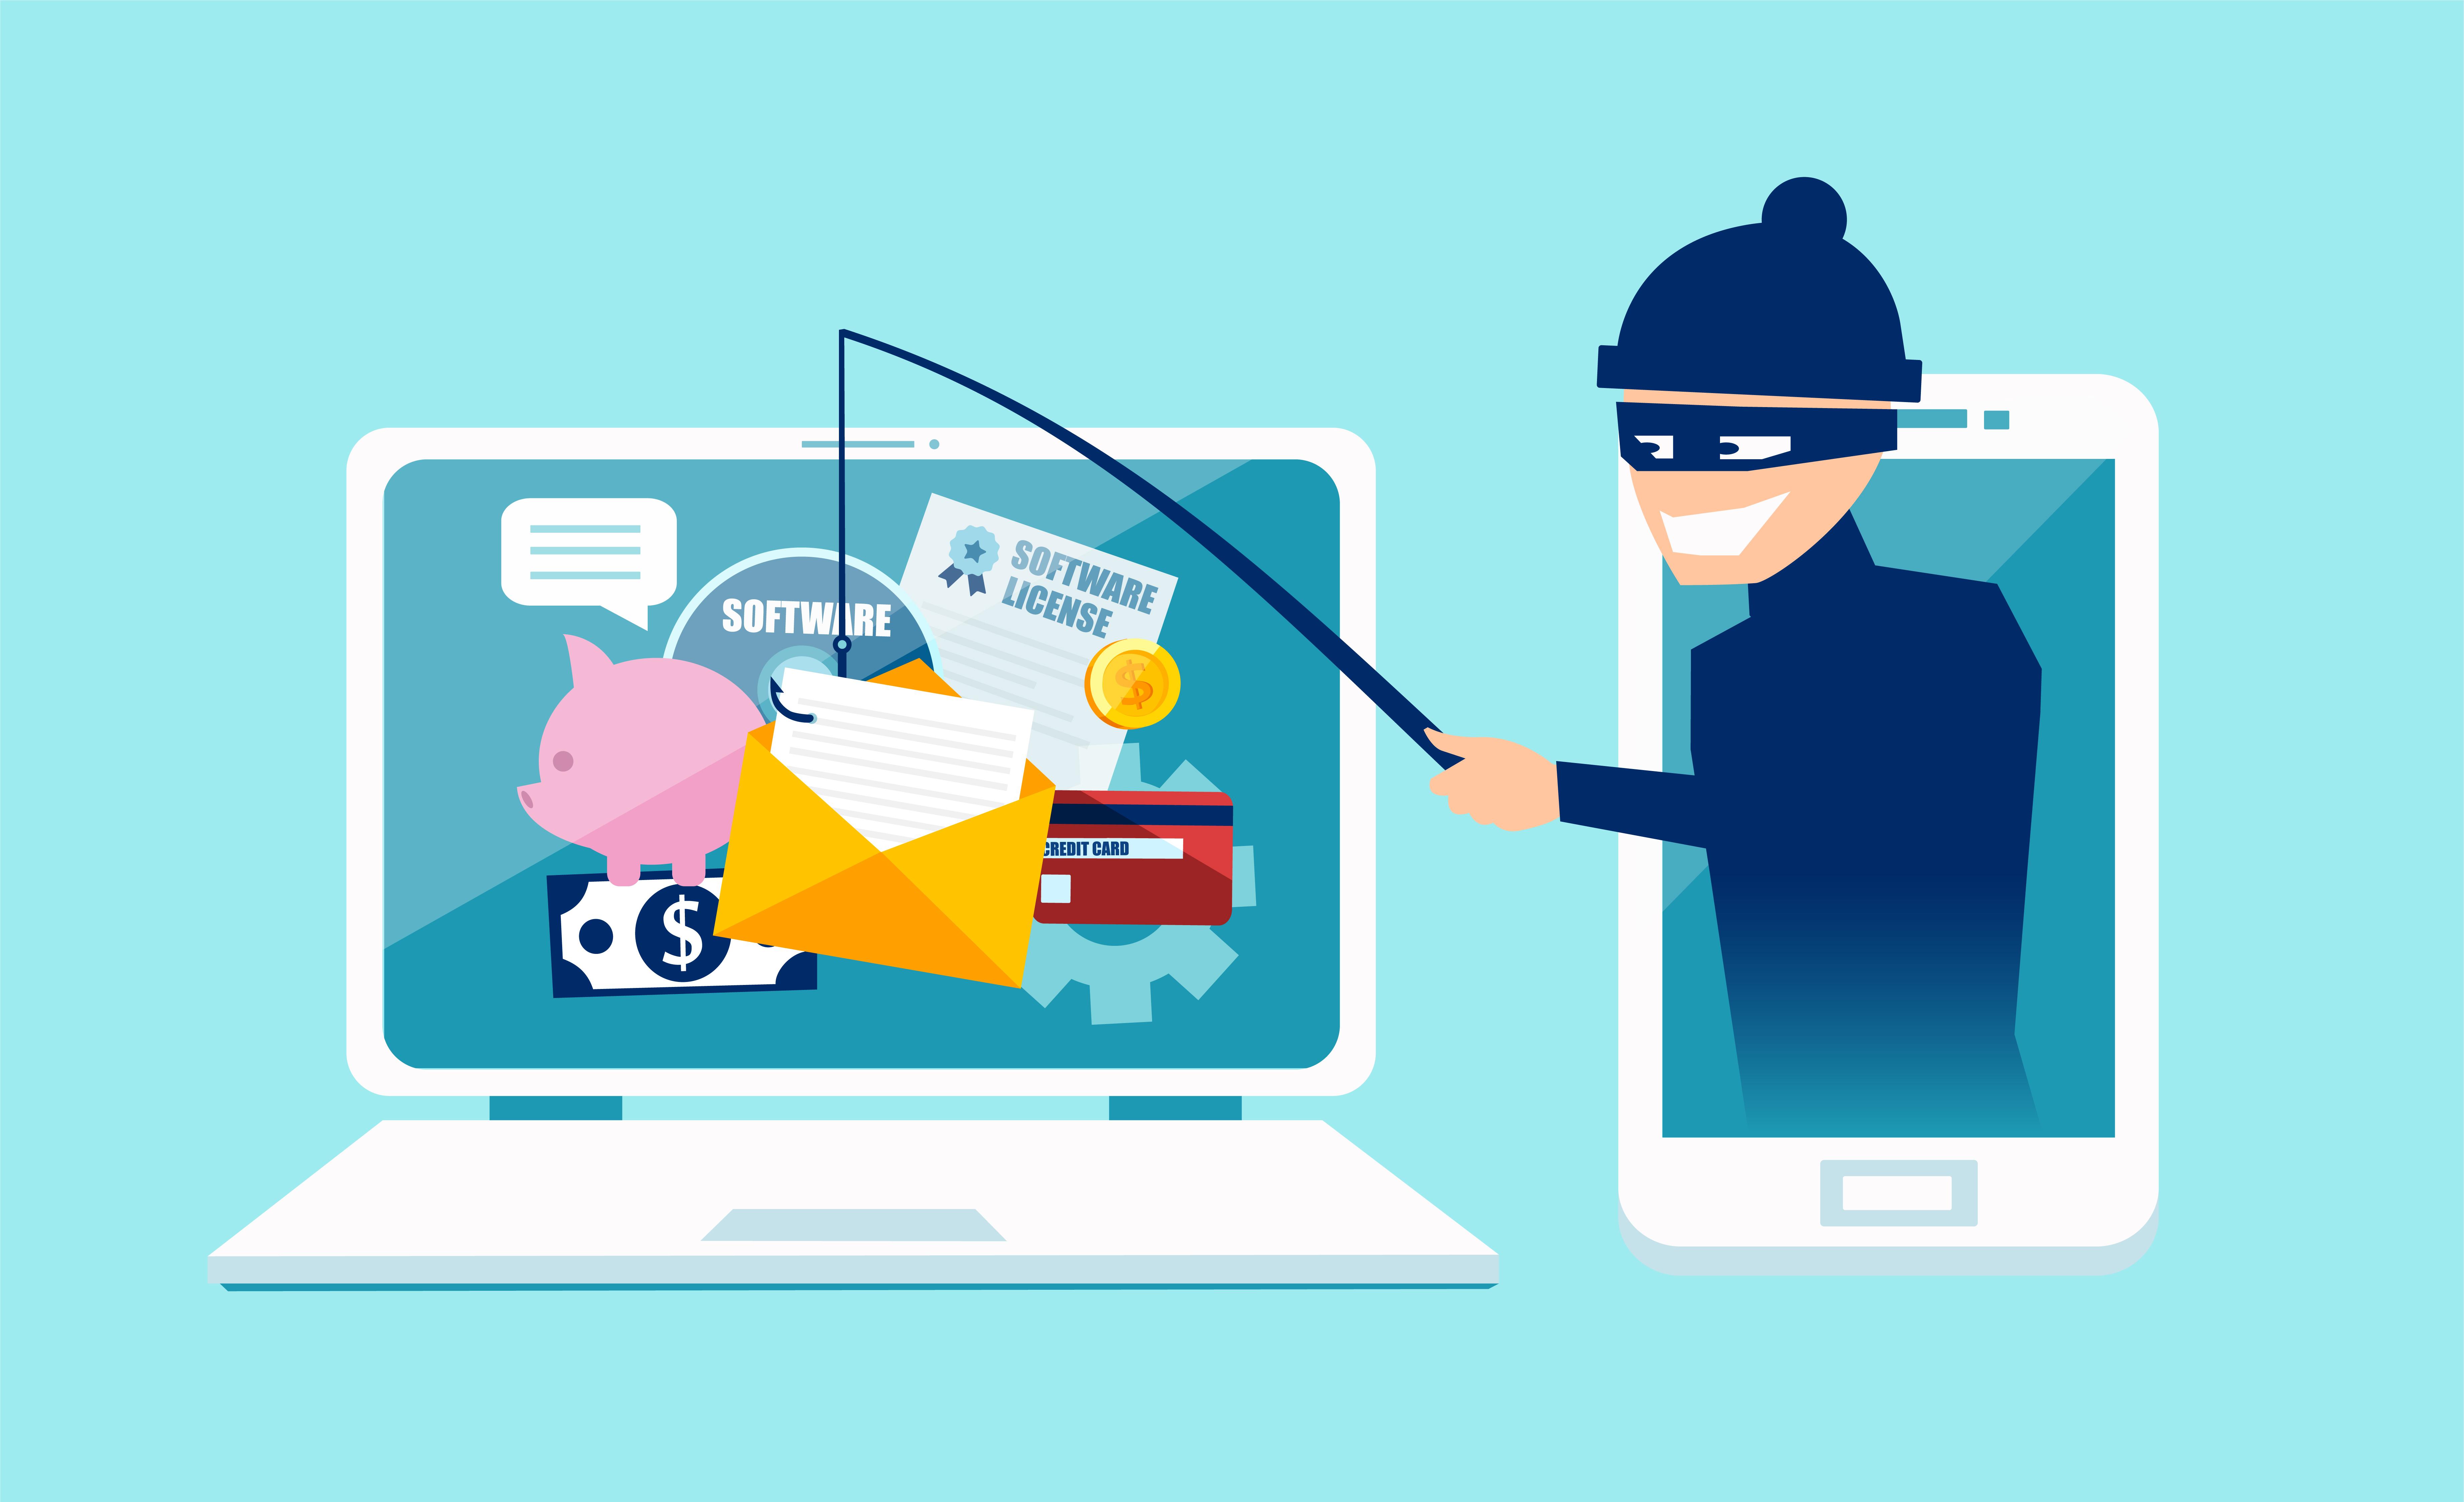 フィッシングとは個人情報を盗む詐欺行為